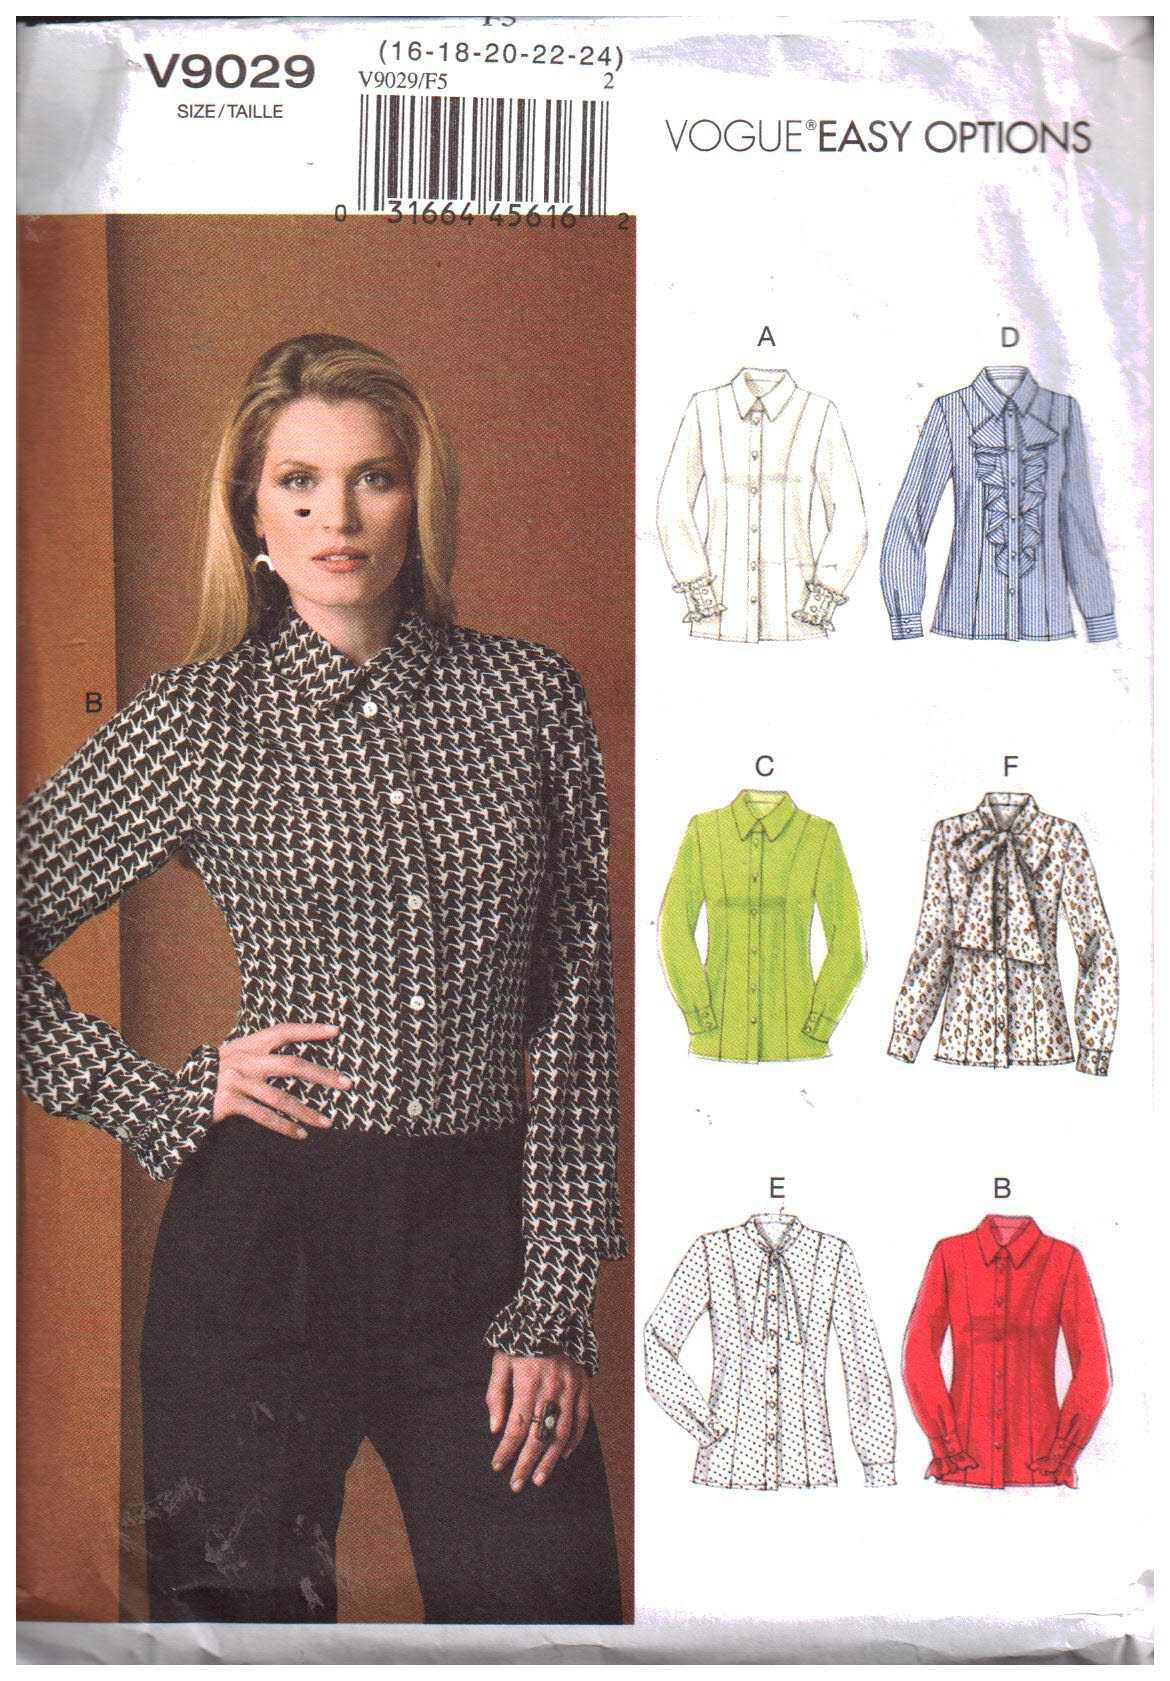 Vogue V9029 A